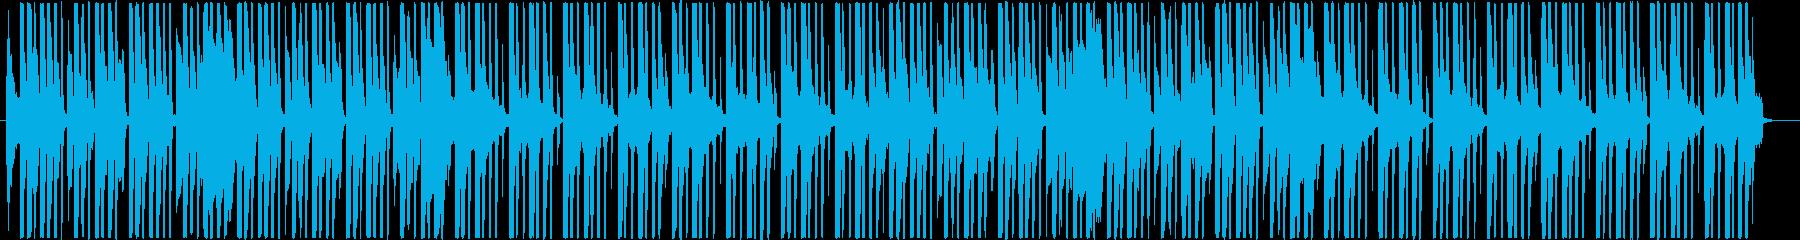 パズルゲームのスタート画面のテクノポップの再生済みの波形